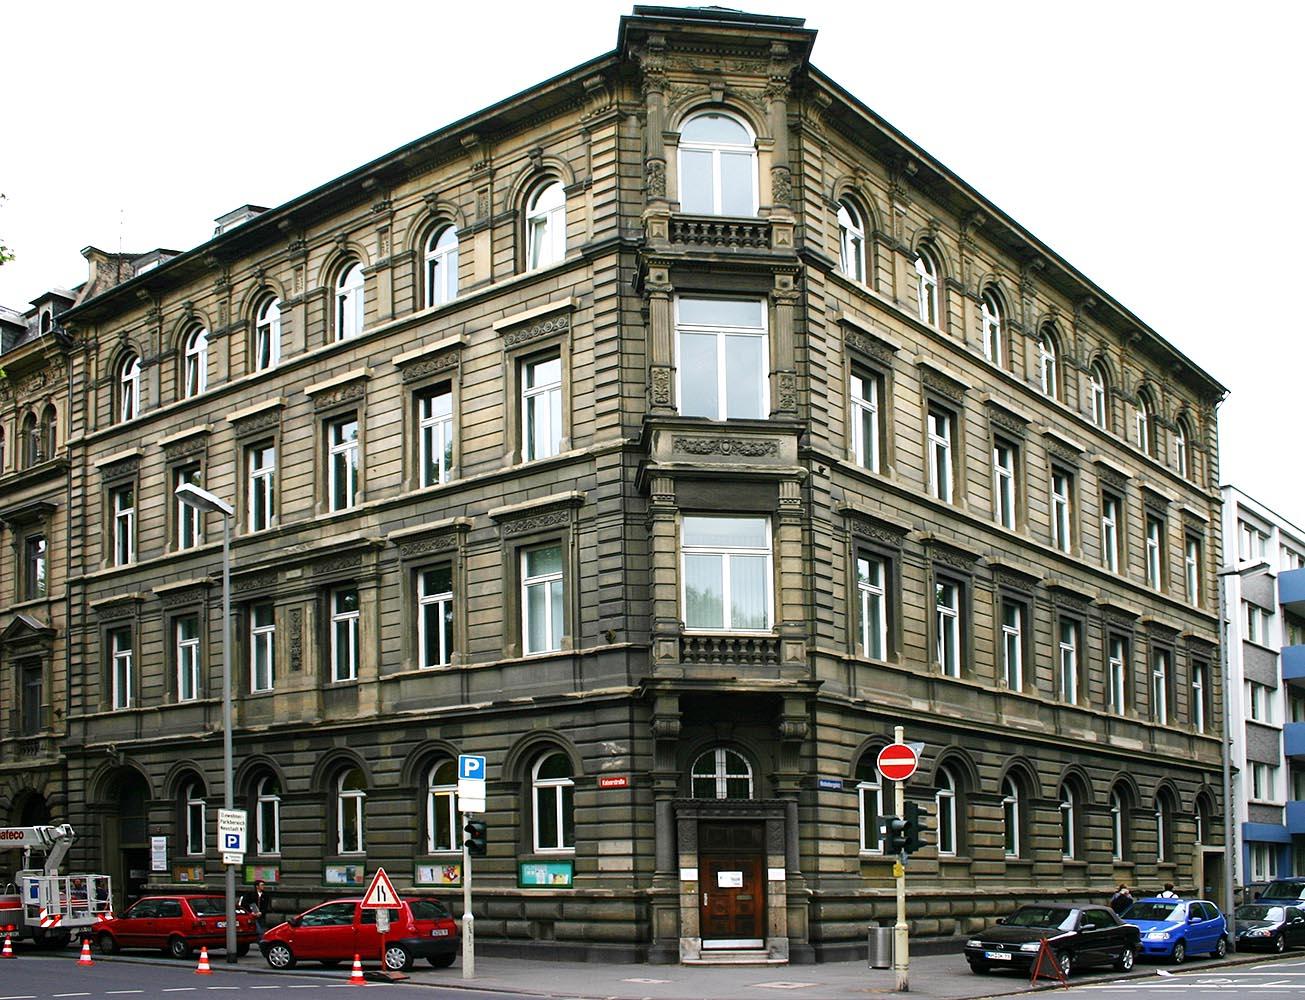 Evangelisches Dekanat, Mainz